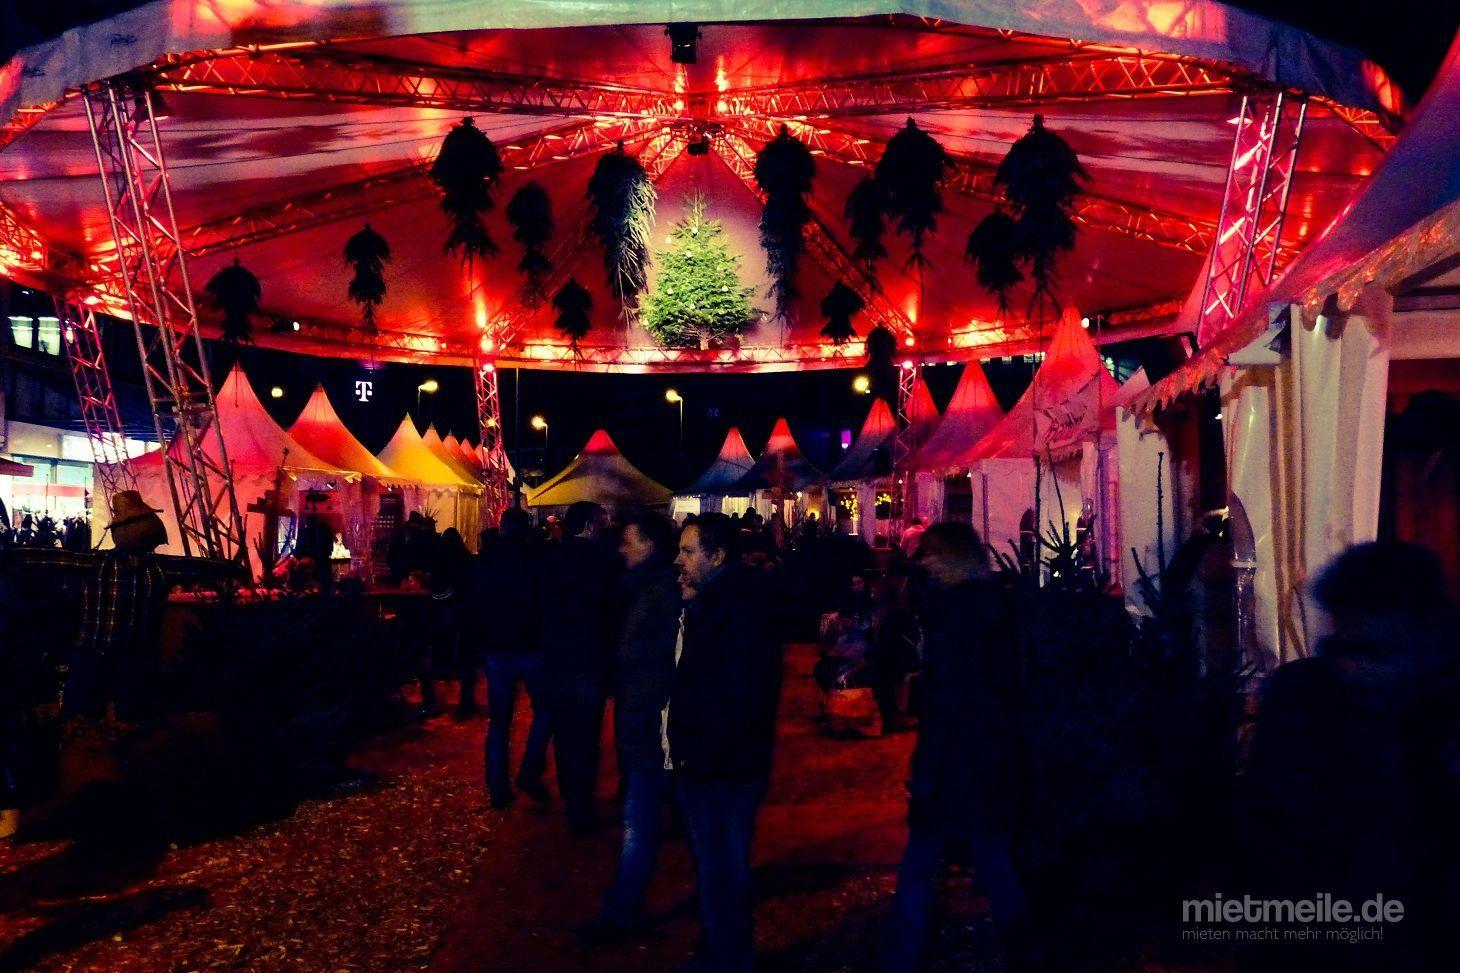 Festzelt mieten & vermieten - Eventüberdachung mit Stil in Bramsche